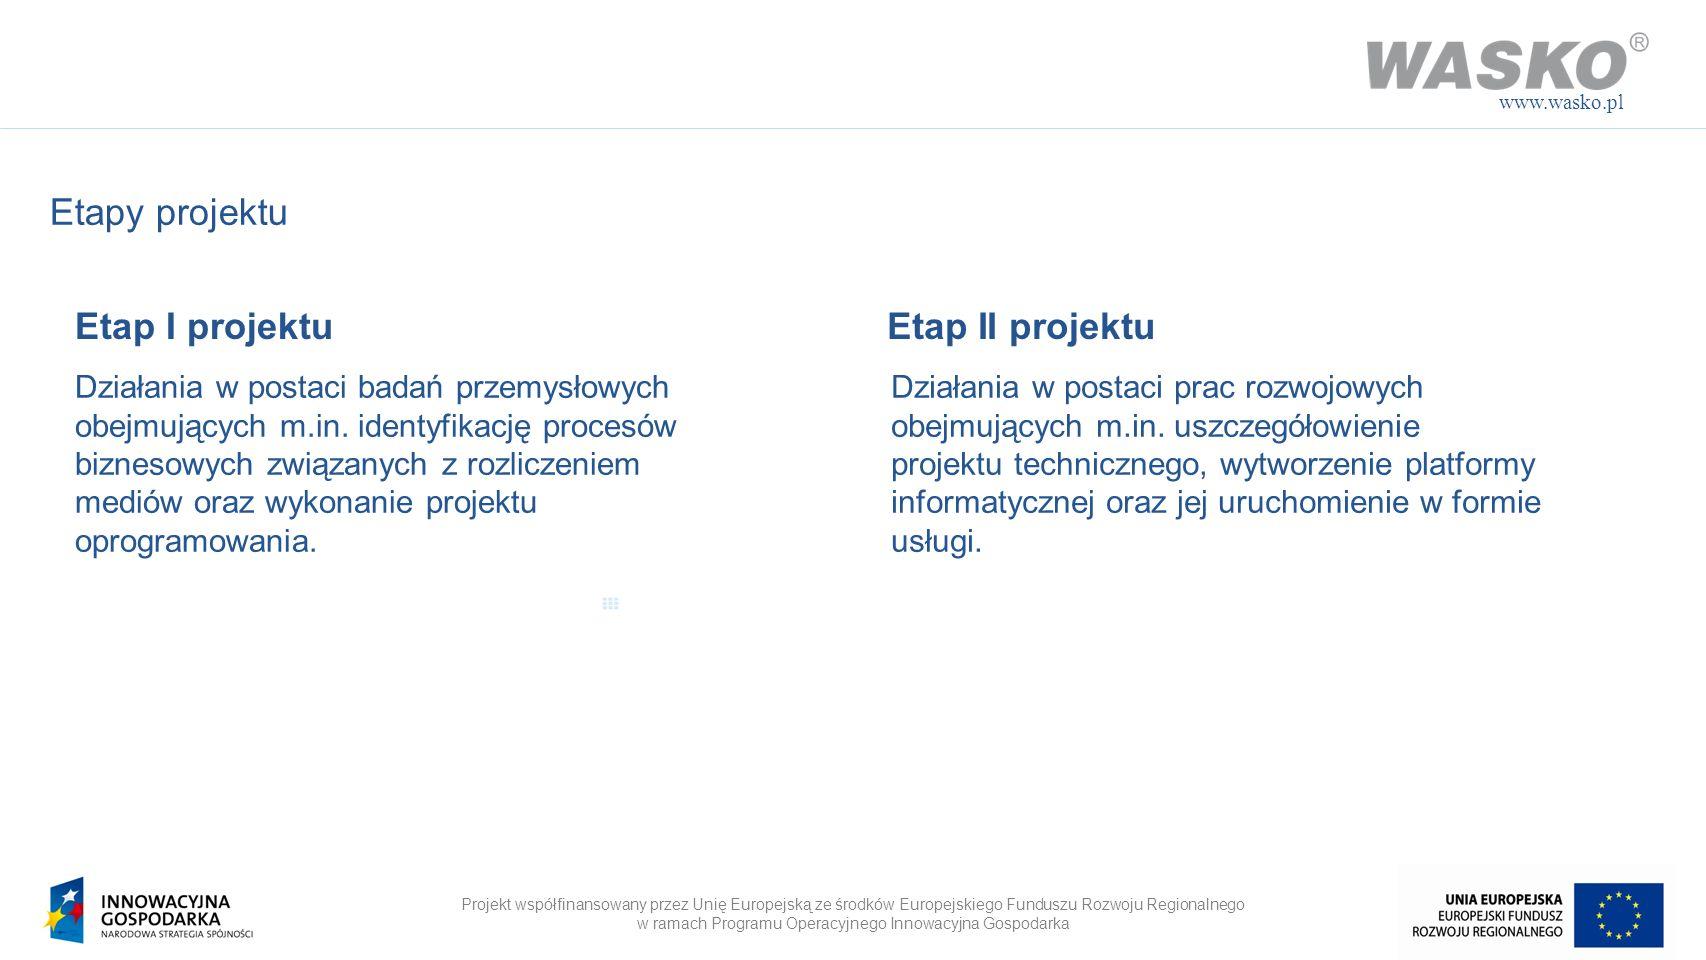 Projekt współfinansowany przez Unię Europejską ze środków Europejskiego Funduszu Rozwoju Regionalnego w ramach Programu Operacyjnego Innowacyjna Gospodarka www.wasko.pl WASKO S.A.